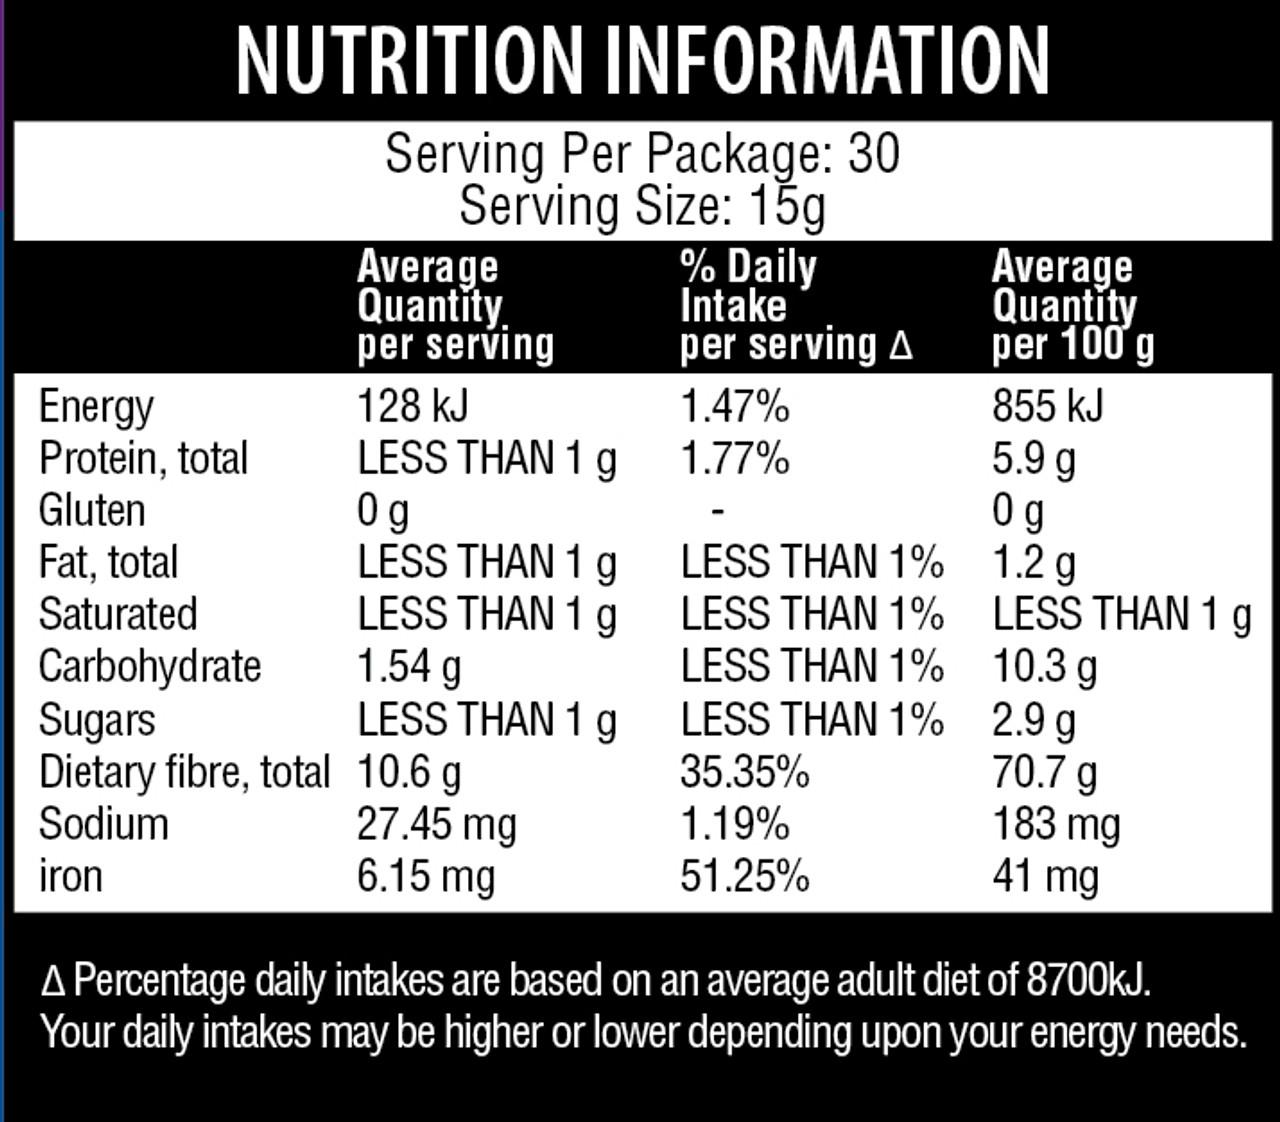 Qenda Everyday Fibre - Chocolate Formulation 450g - Nutritional Information